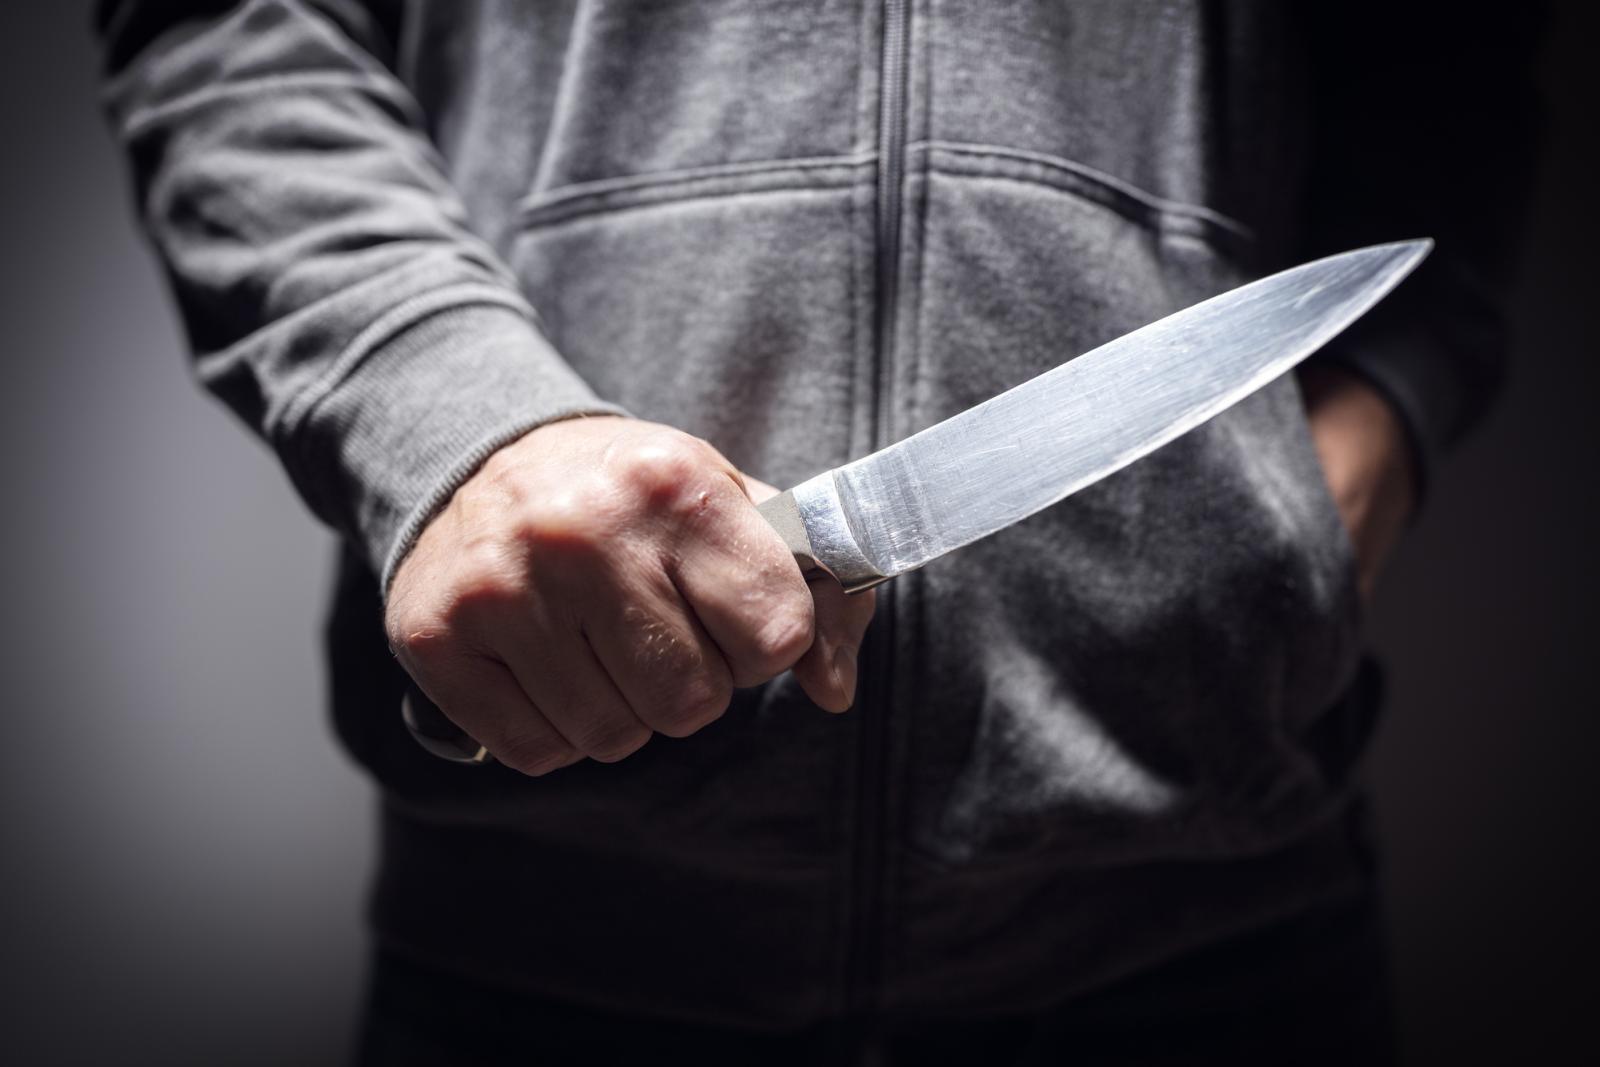 В Брянском районе задержали подозреваемого в убийстве своей матери